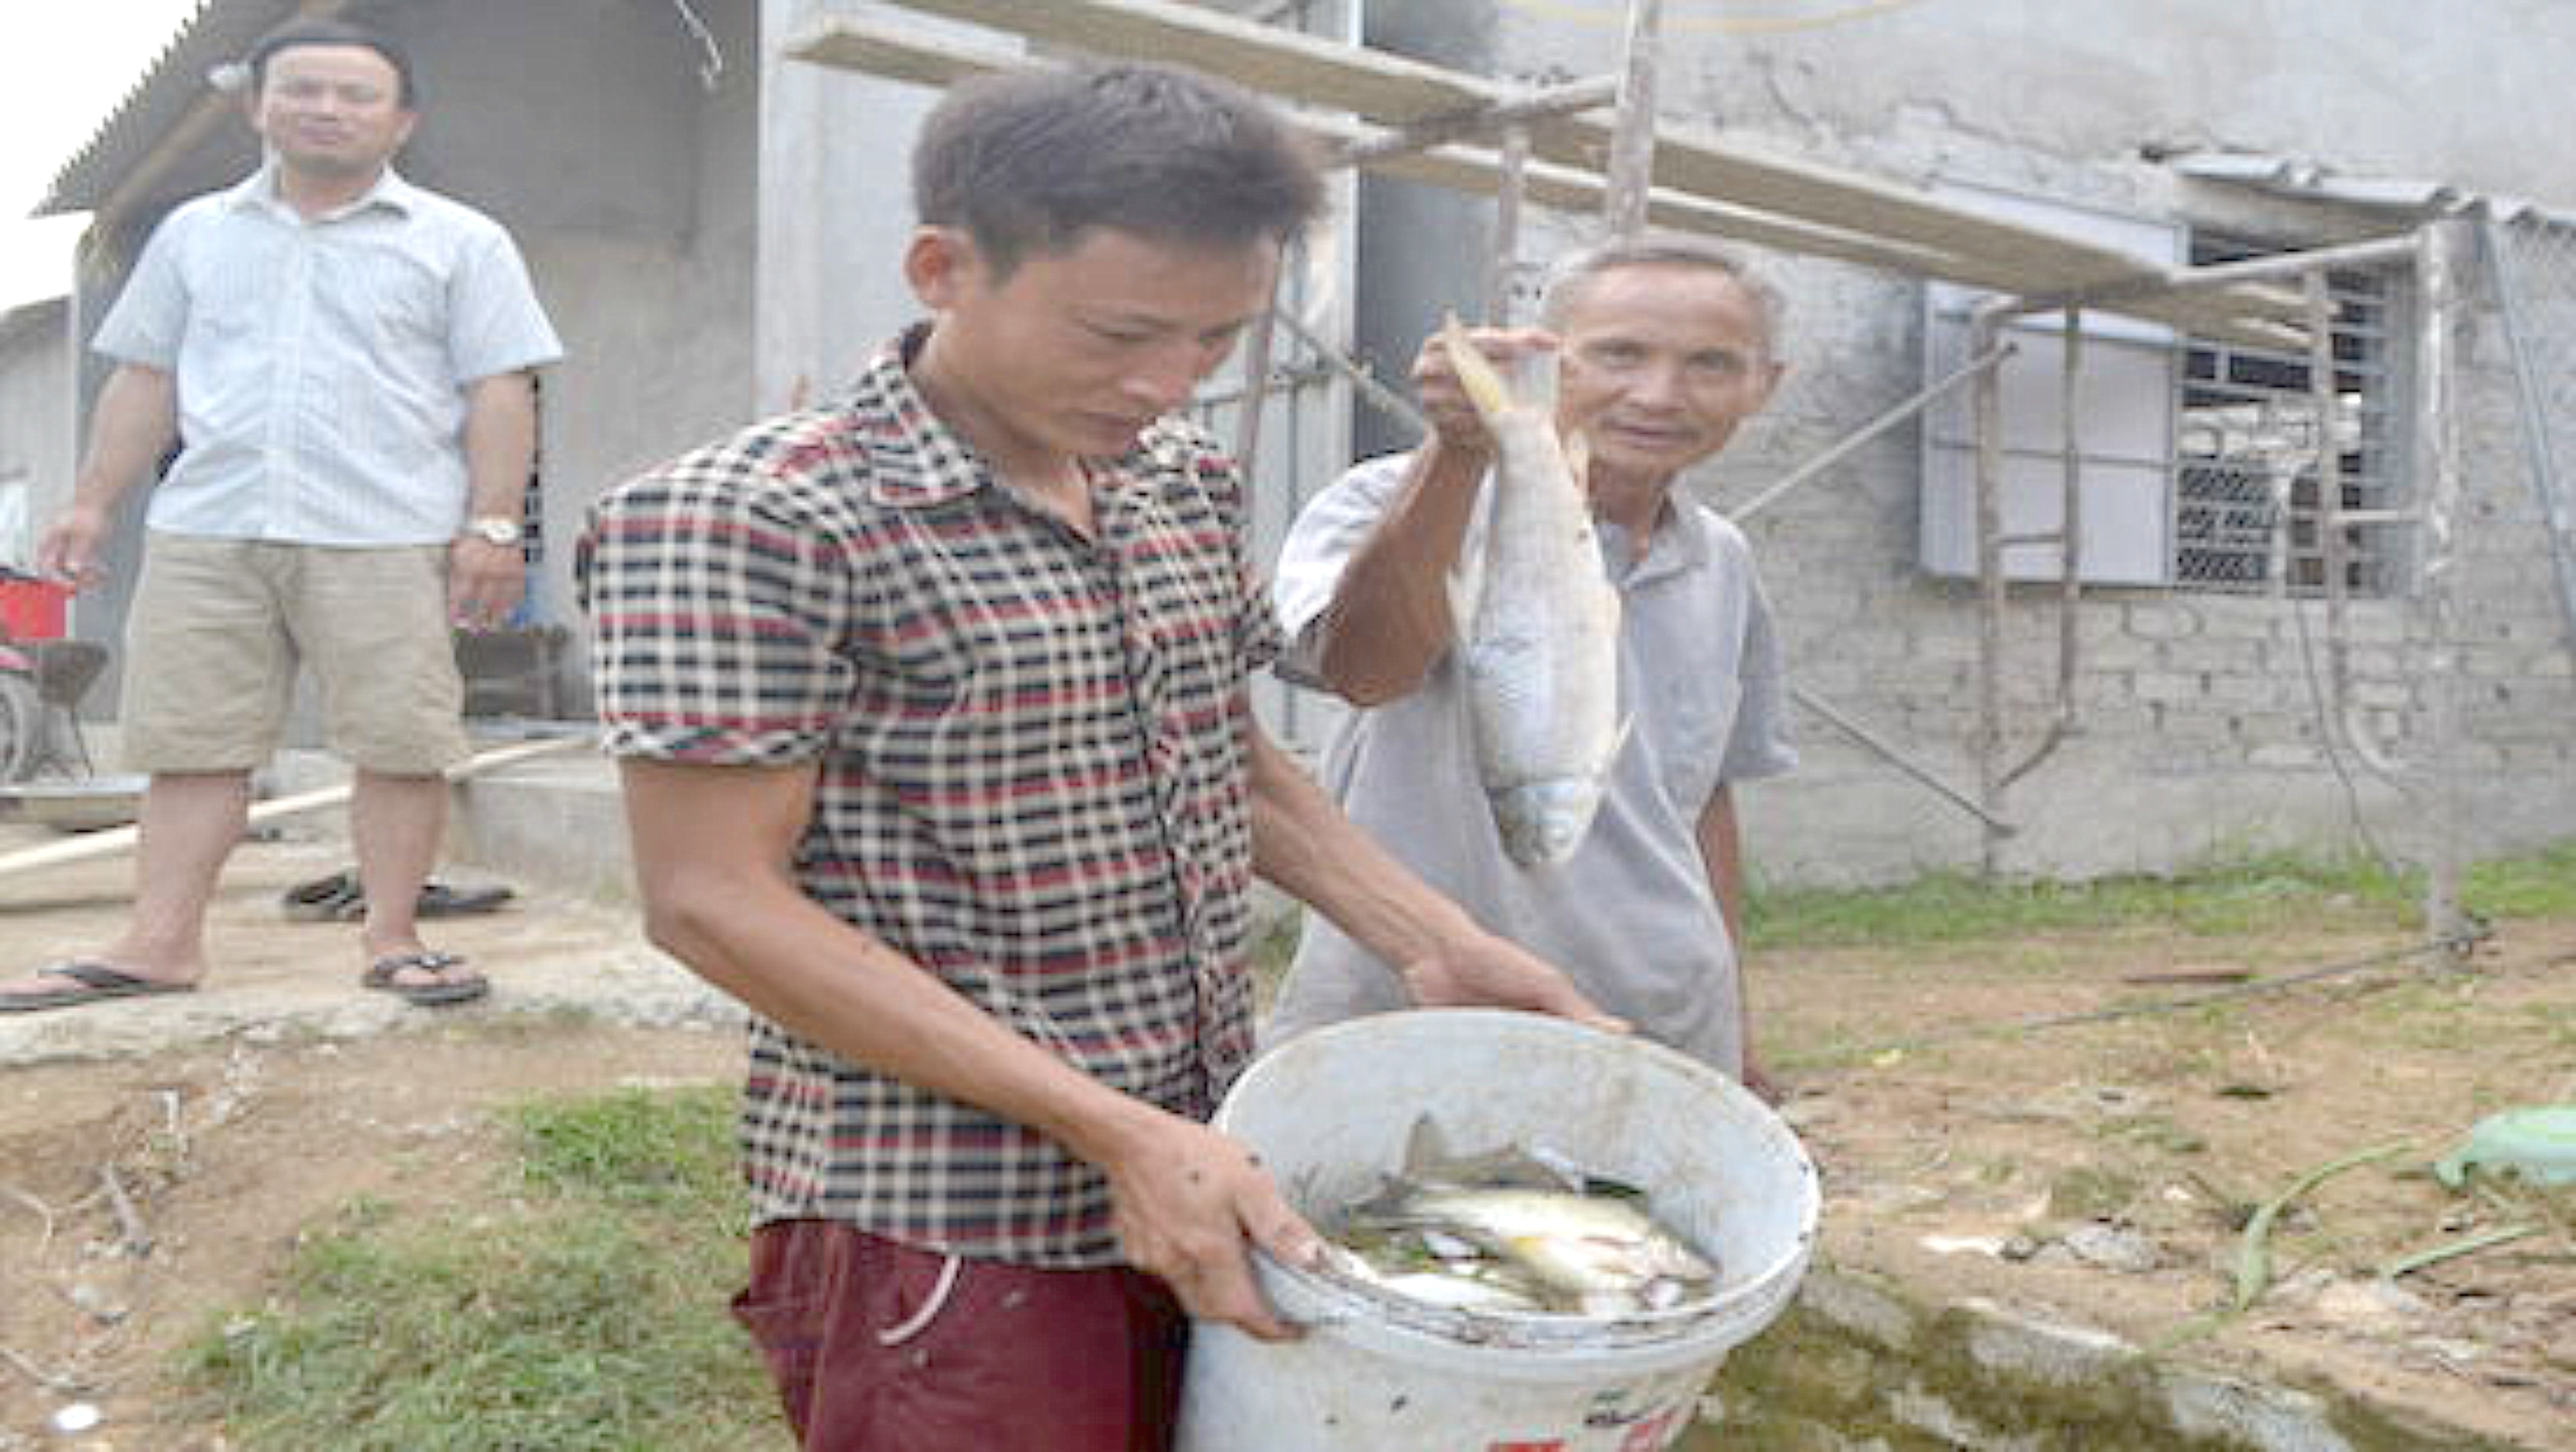 Cá lại chết hàng loạt ở Nghệ An, hàng trăm hộ dân điêu đứng